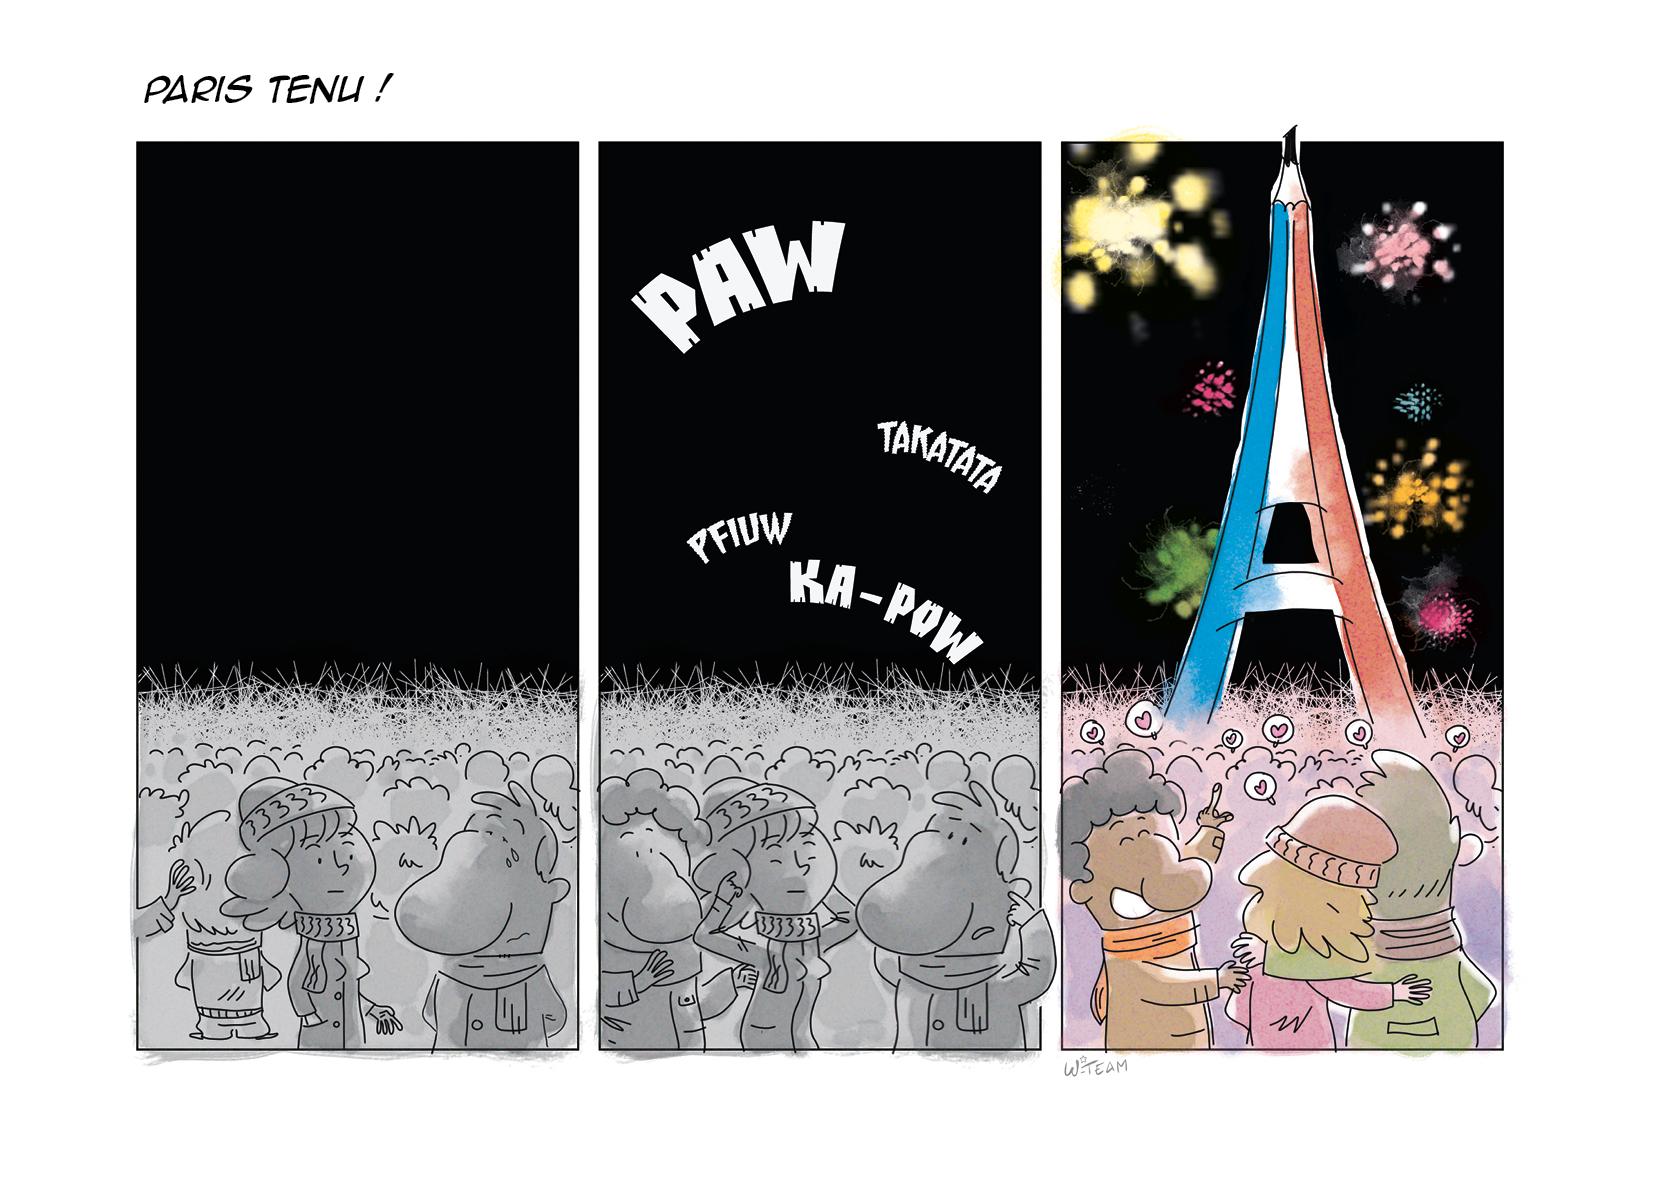 Strip Paris Tenu